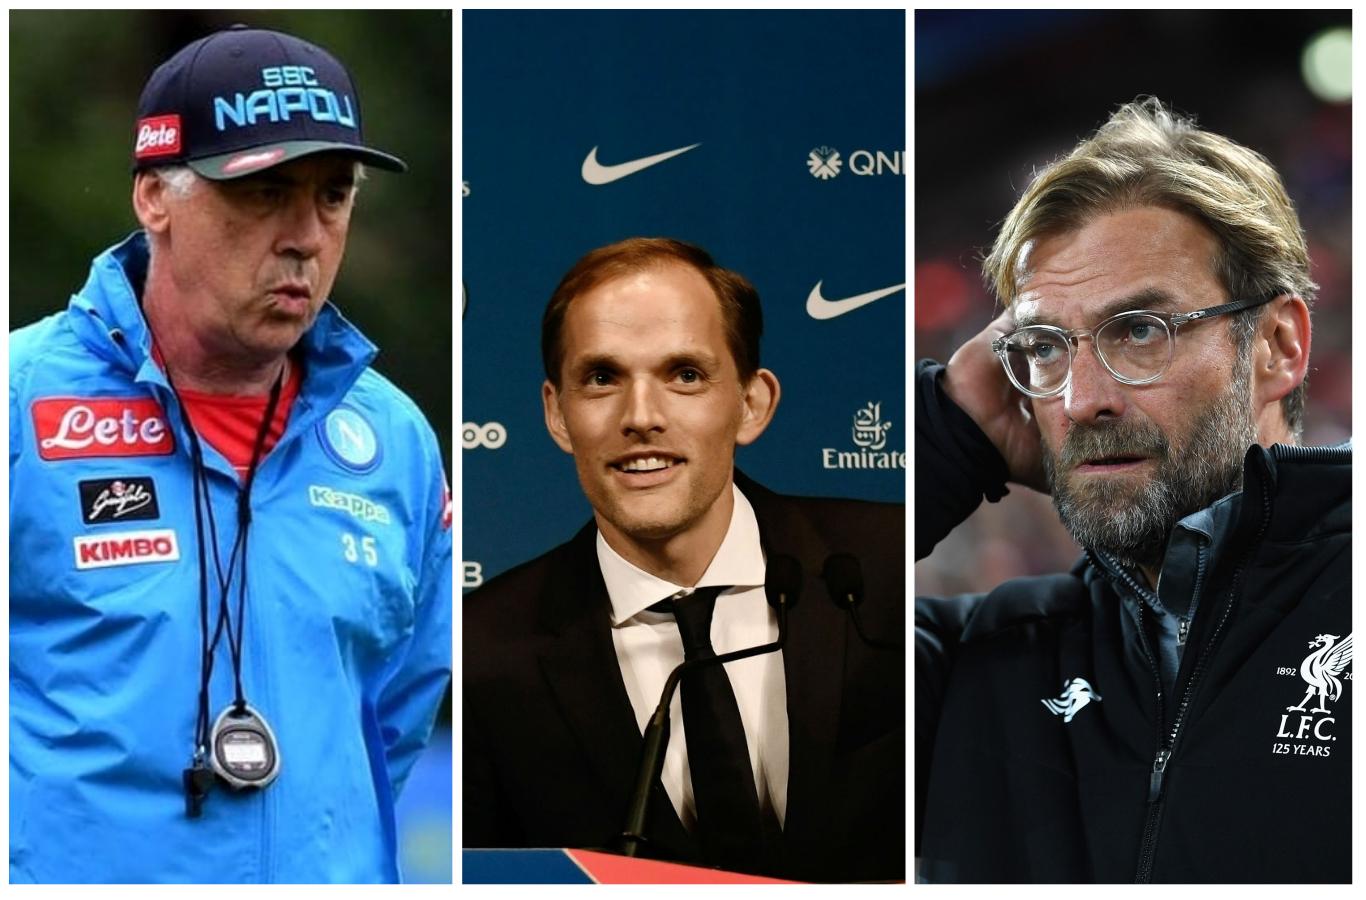 Il girone più bello, anche per la sfida degli allenatori: il filo sottile tra Ancelotti, Klopp e Tuchel